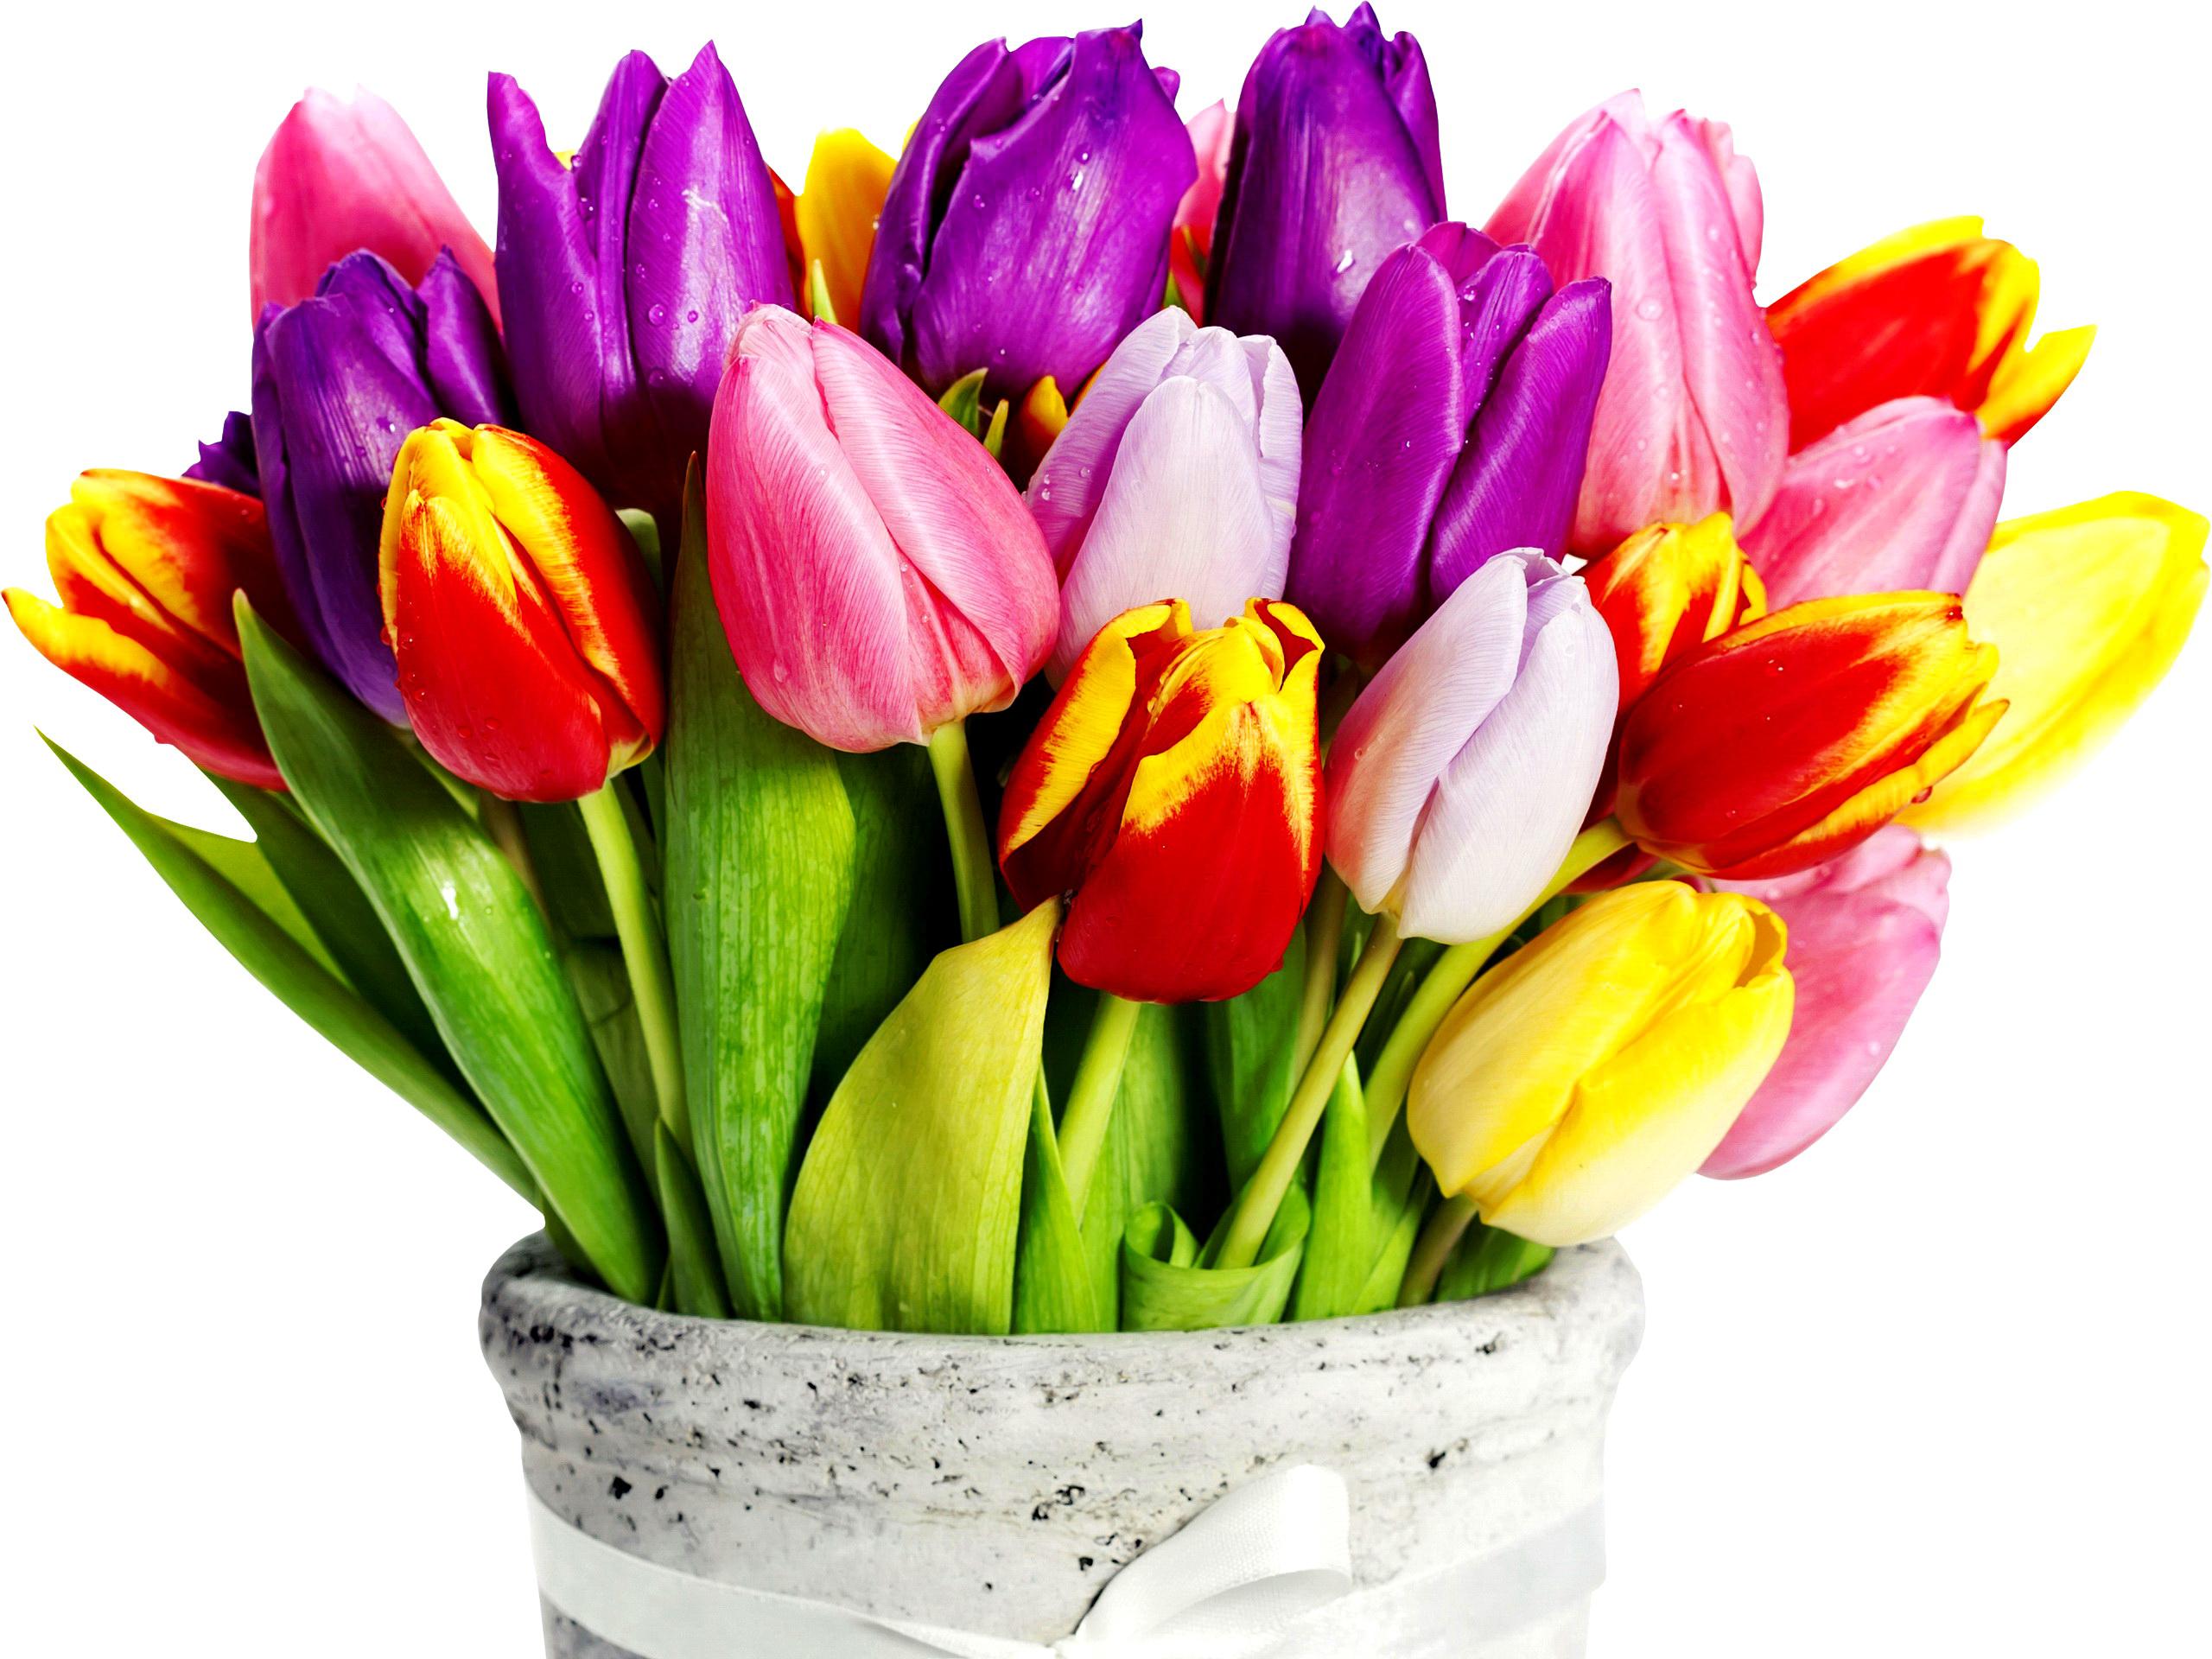 tulip-photo-118